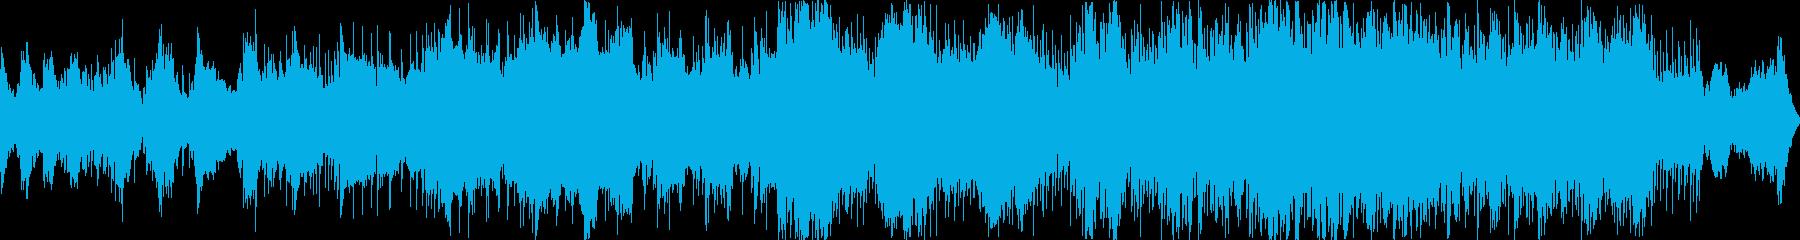 ドンと存在感たっぷりの感動ゴシックメタルの再生済みの波形